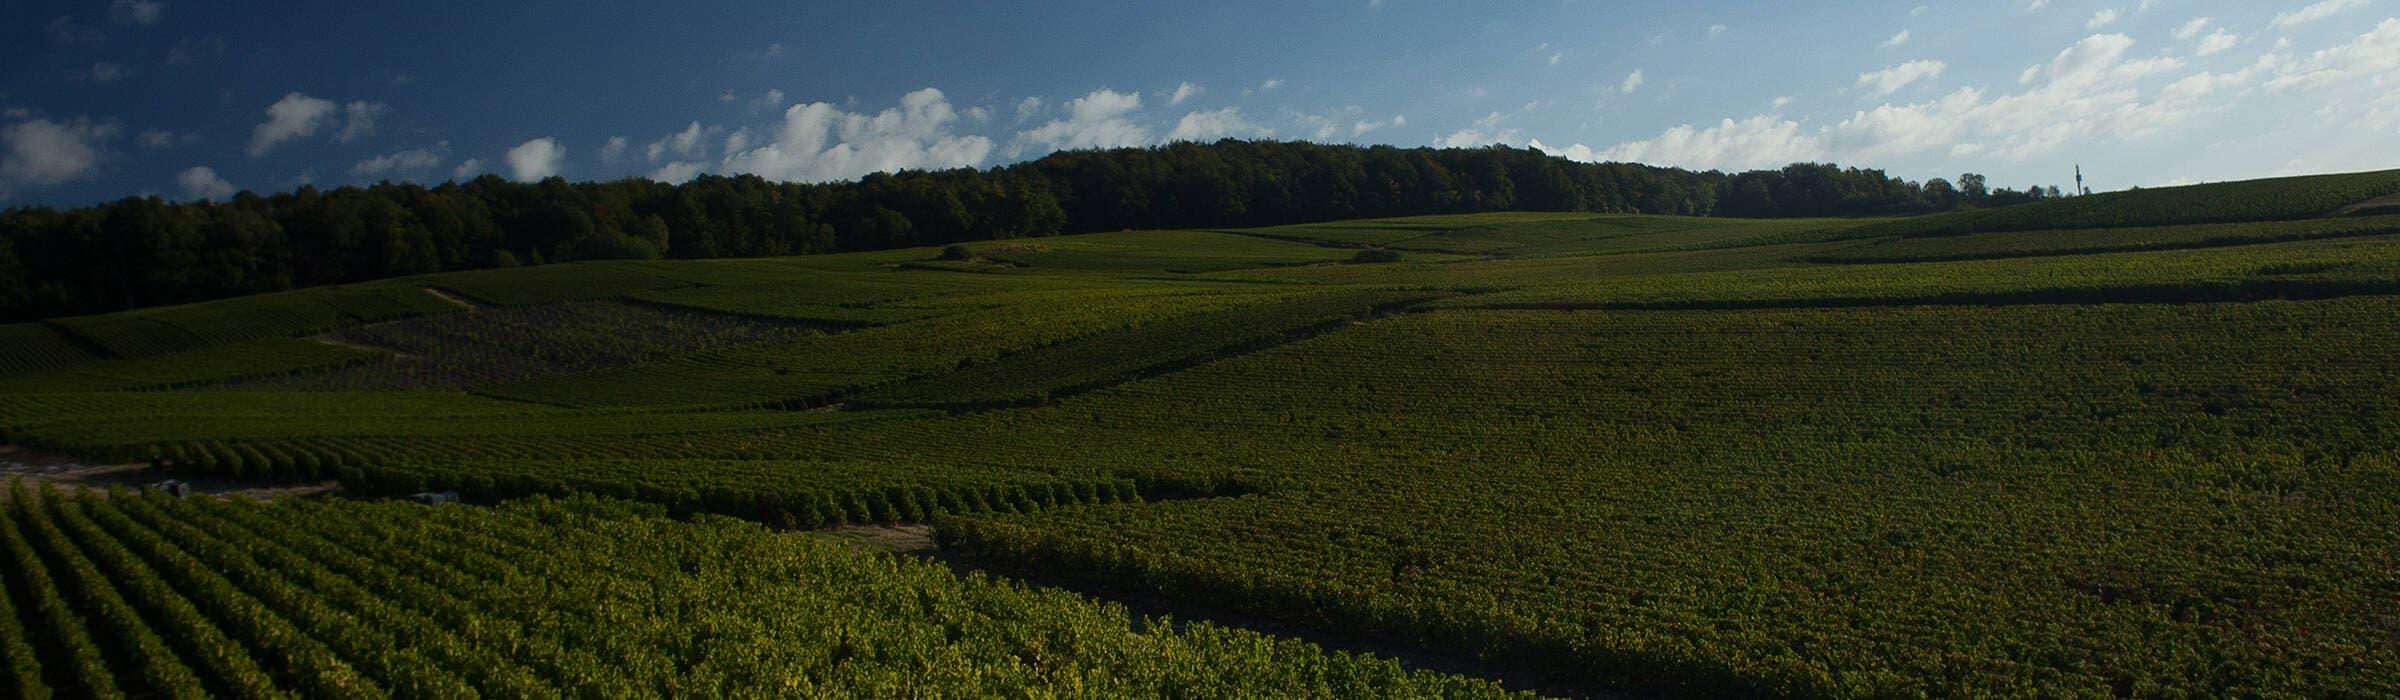 Veuve Clicquot - El viñedo